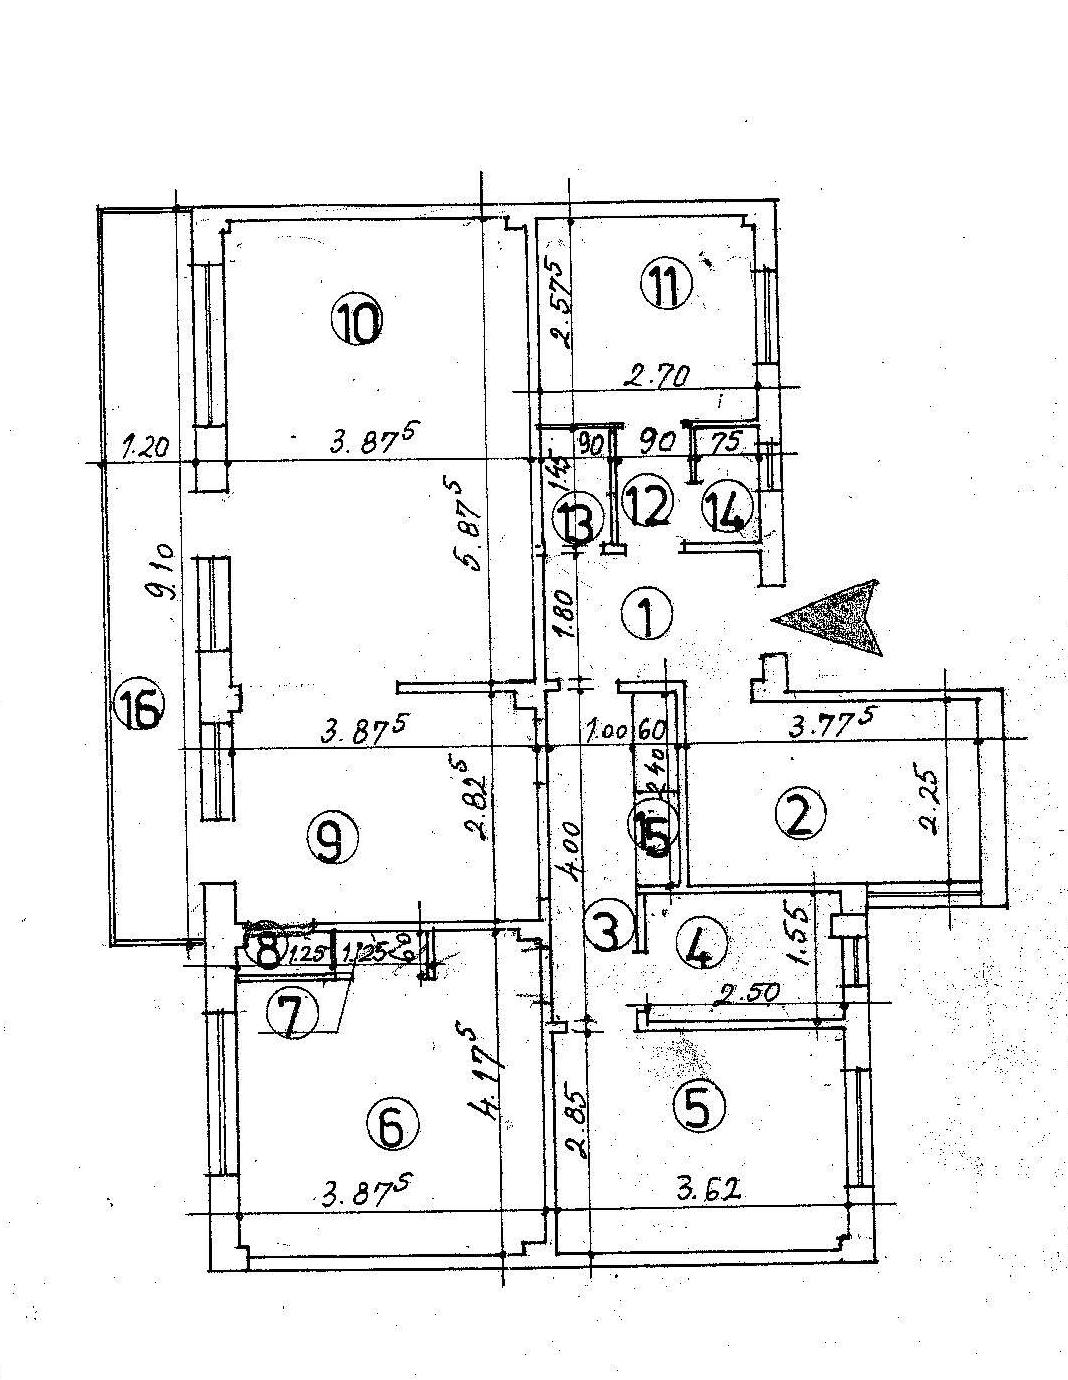 Plan Cadastral Radu Beller 5 camere mod